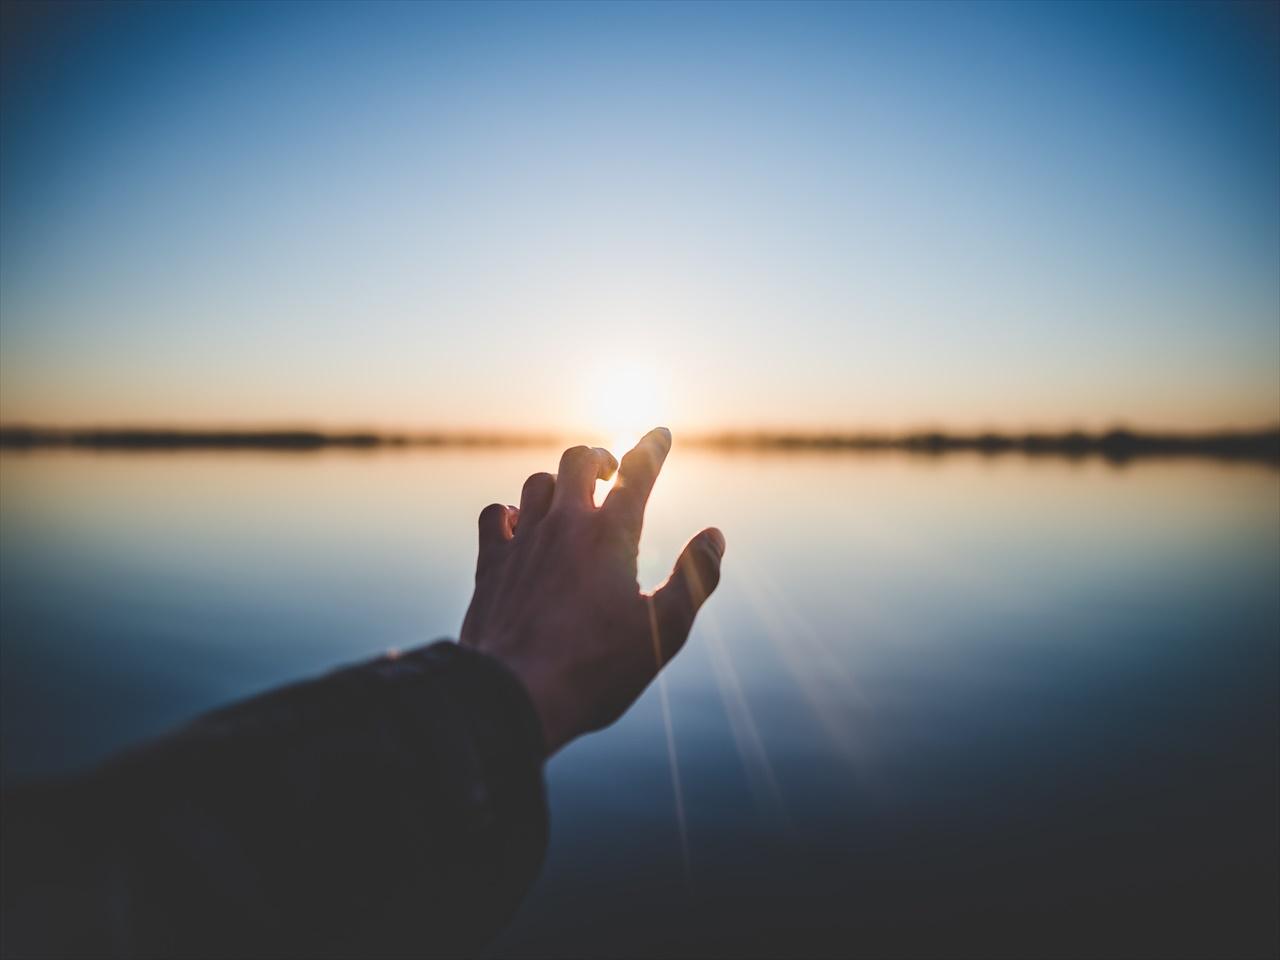 夕日が沈む地平線に手を伸ばす人